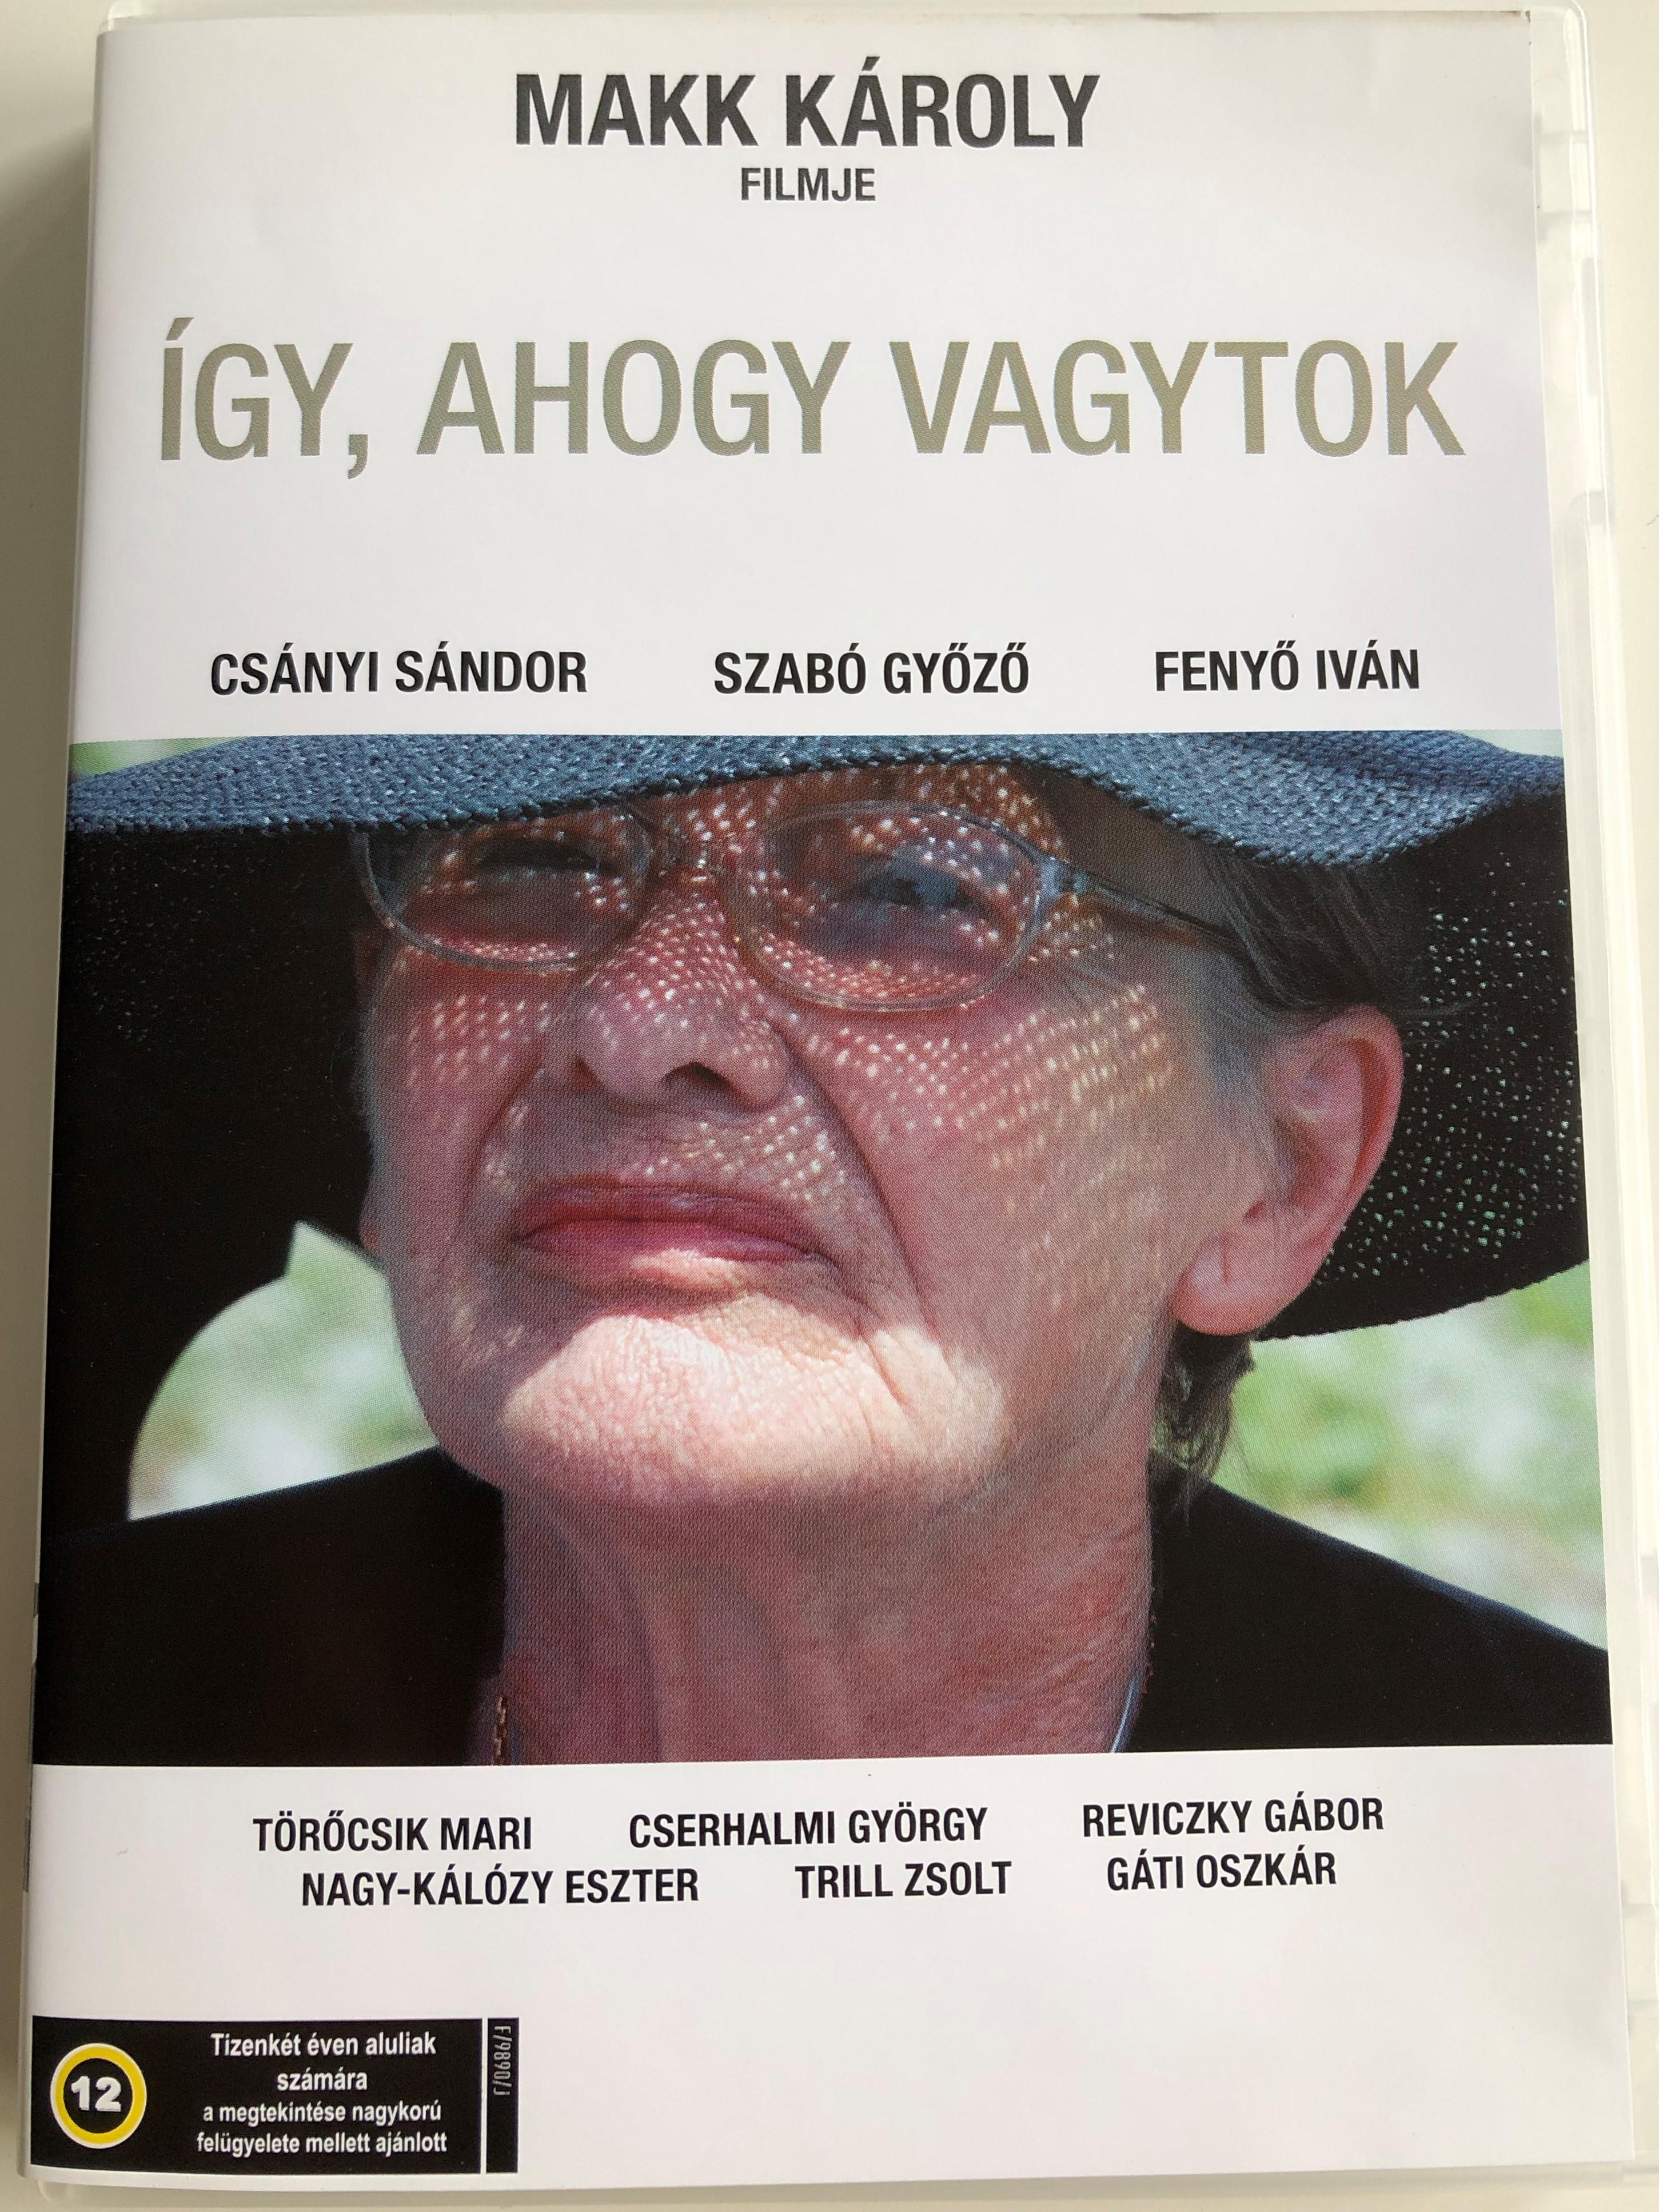 -gy-ahogy-vagytok-dvd-directed-by-makk-k-roly-1.jpg